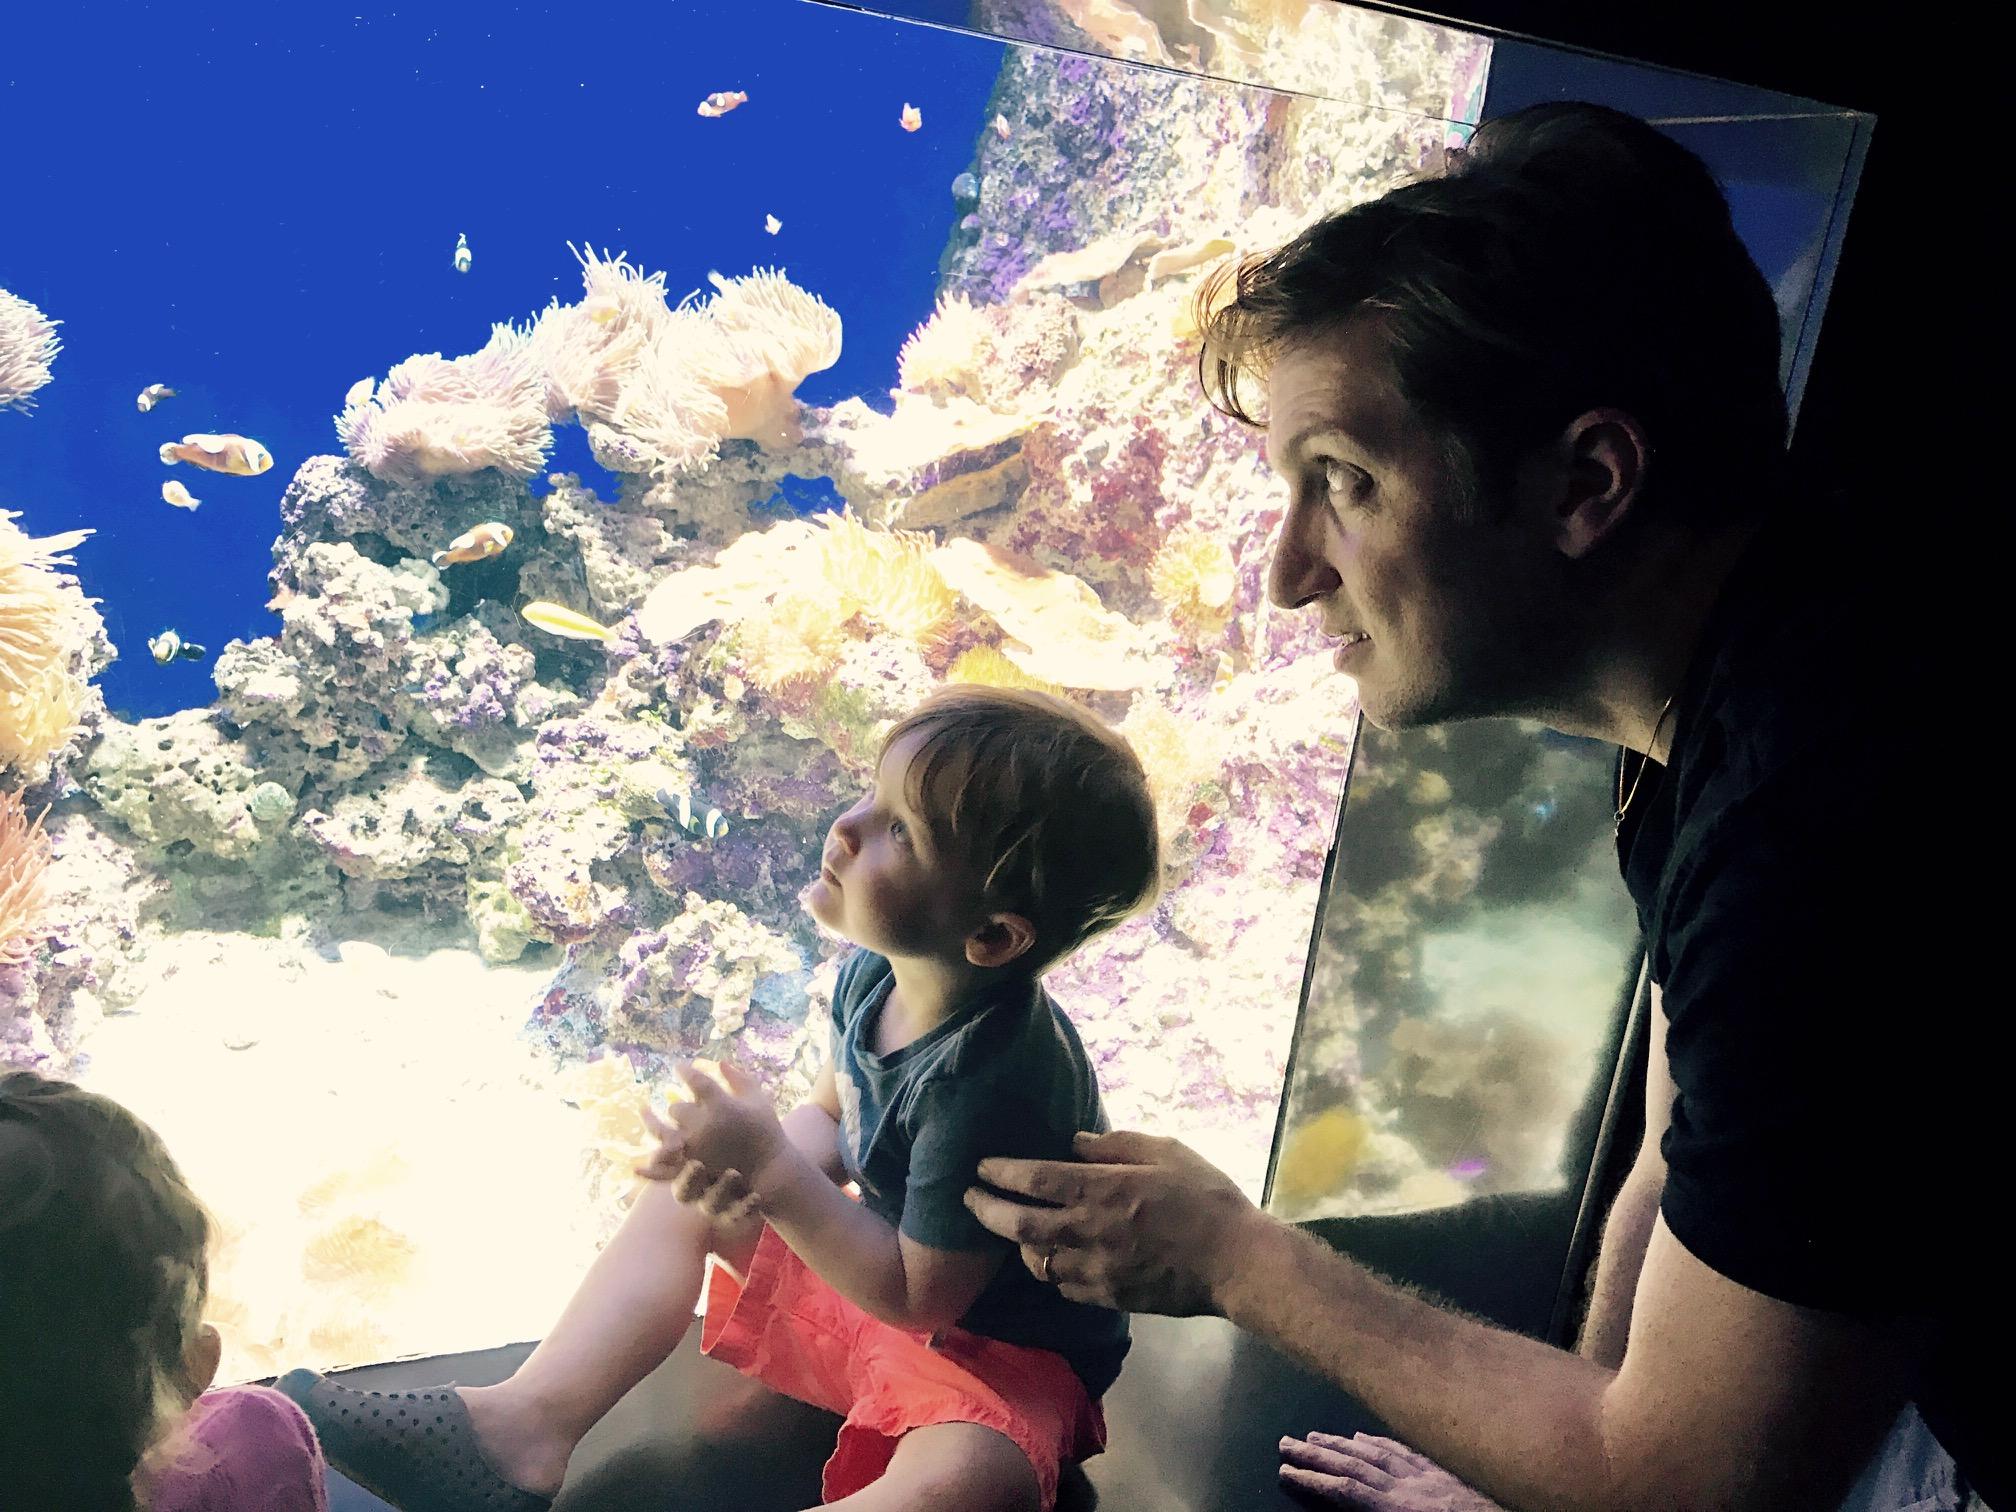 Looking at the fish